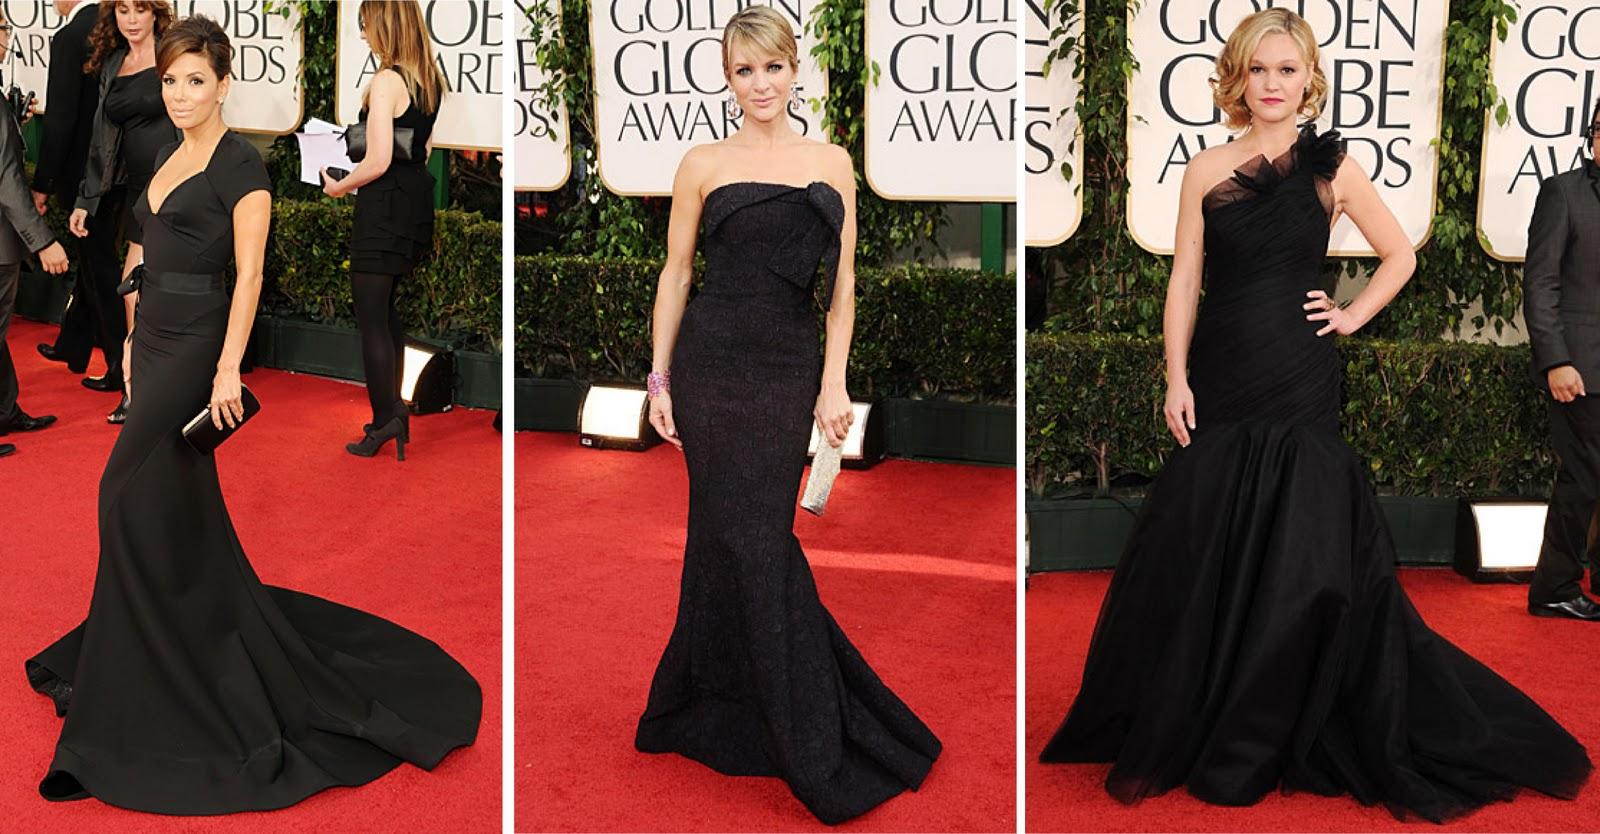 http://4.bp.blogspot.com/_zLsgnOzKTUQ/TTVqVK5vk6I/AAAAAAAAR1c/R657jJG2rlI/s1600/Globos+de+oro+2011+vestidos+5.jpg